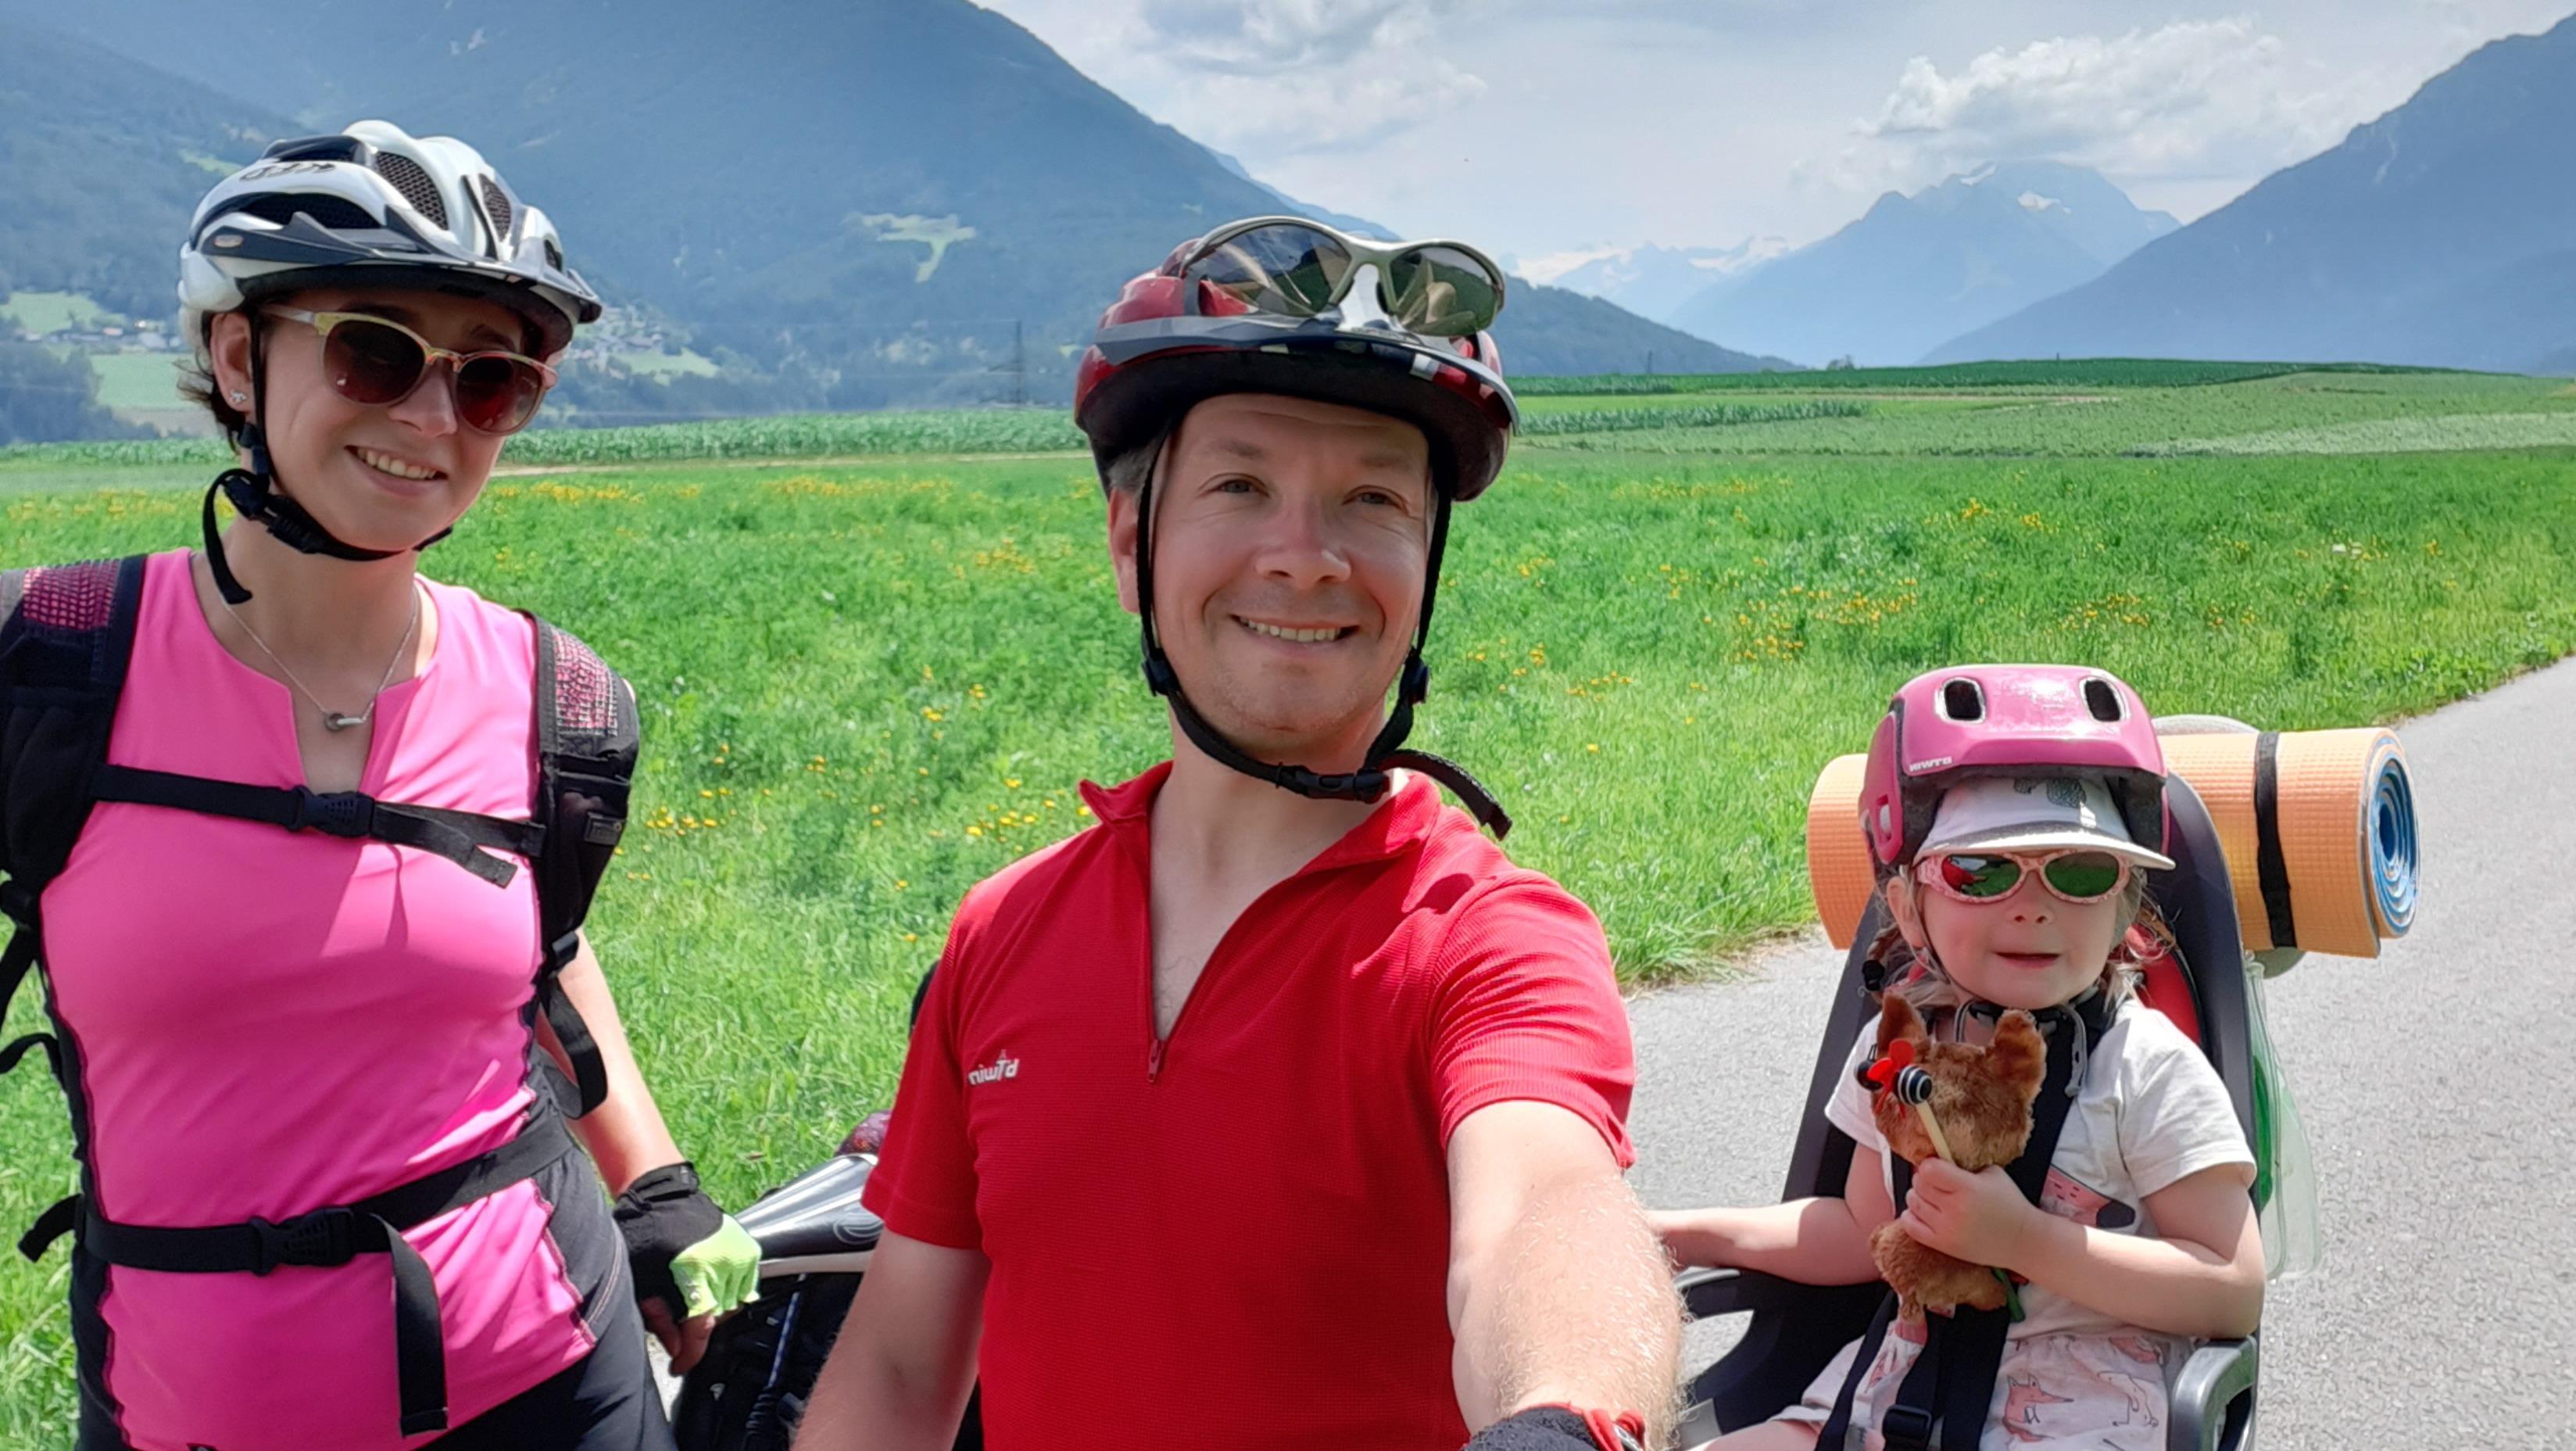 Как я с женой и трехлетней дочкой проехал на велосипеде 700 км по Альпам. Рассказ-инструкция